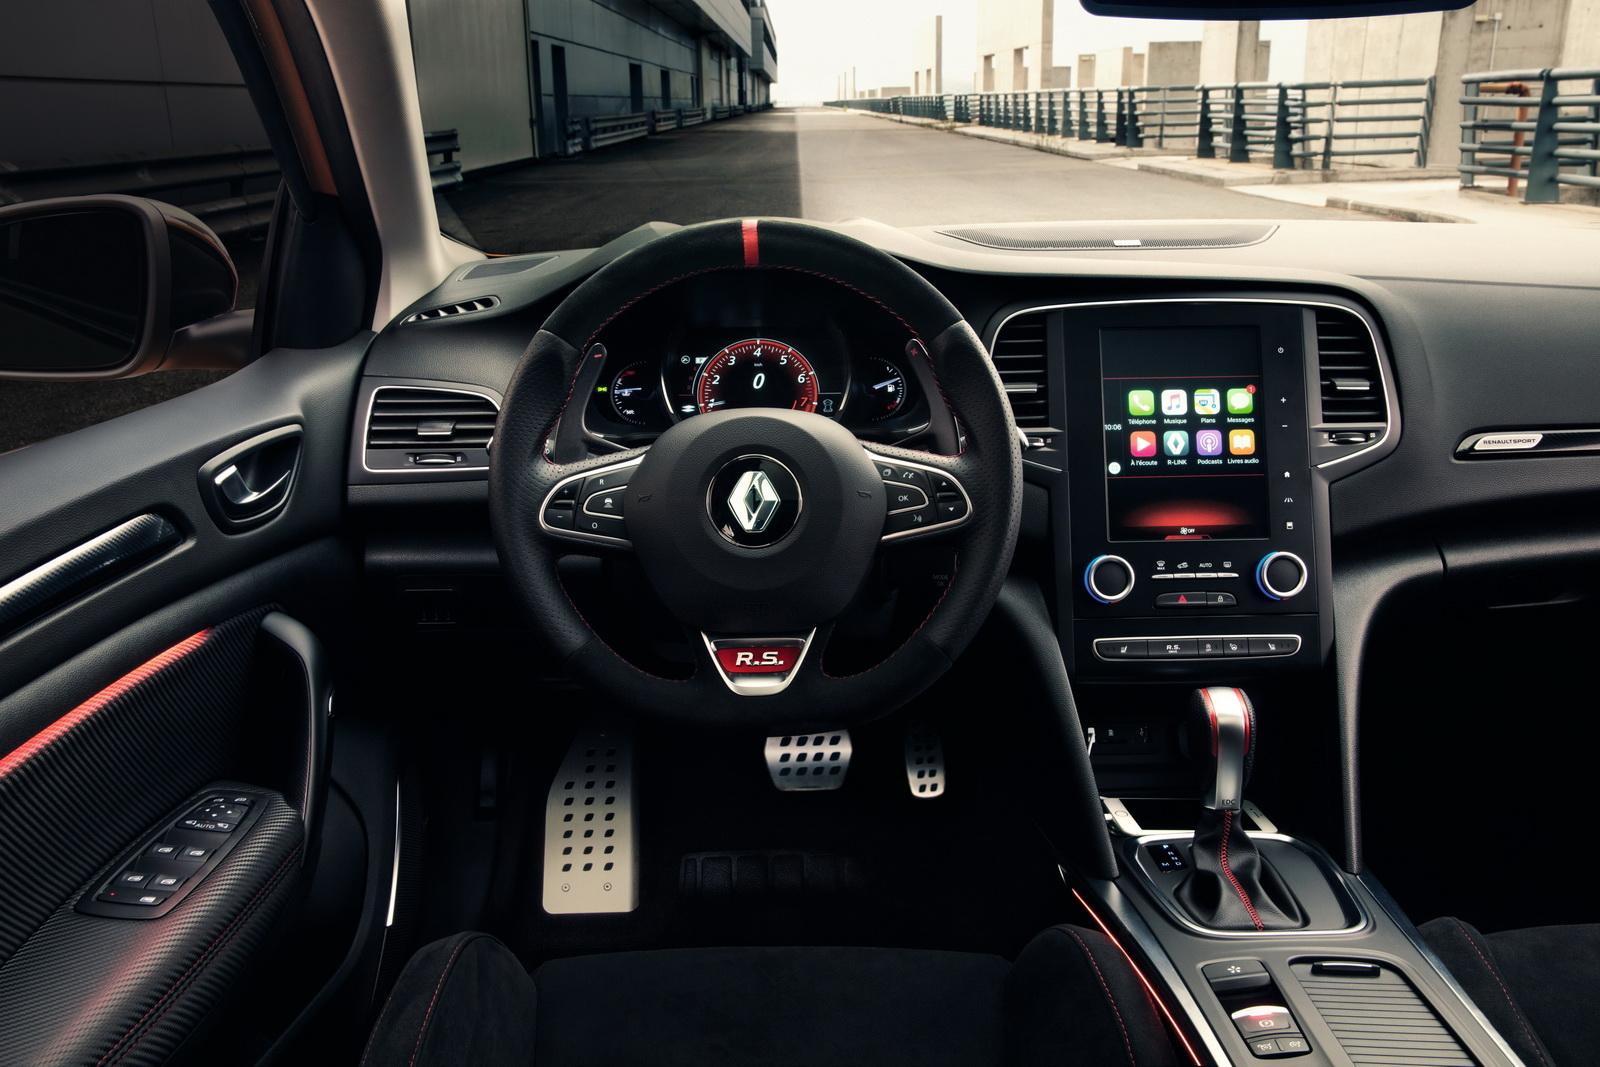 El Renault Mégane RS llega con 280 CV